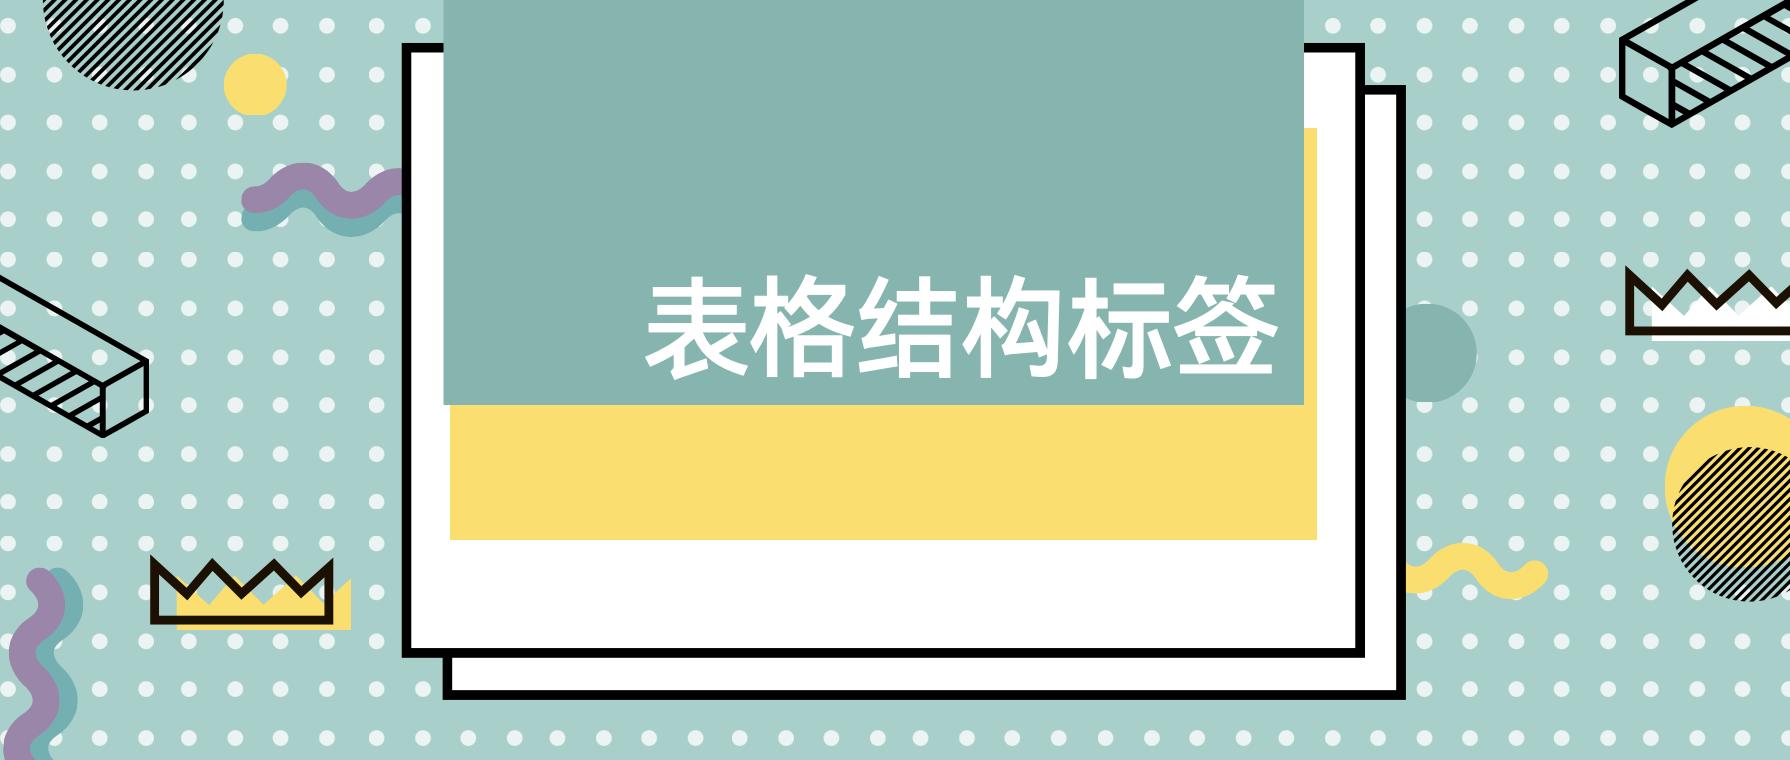 表格结构标签